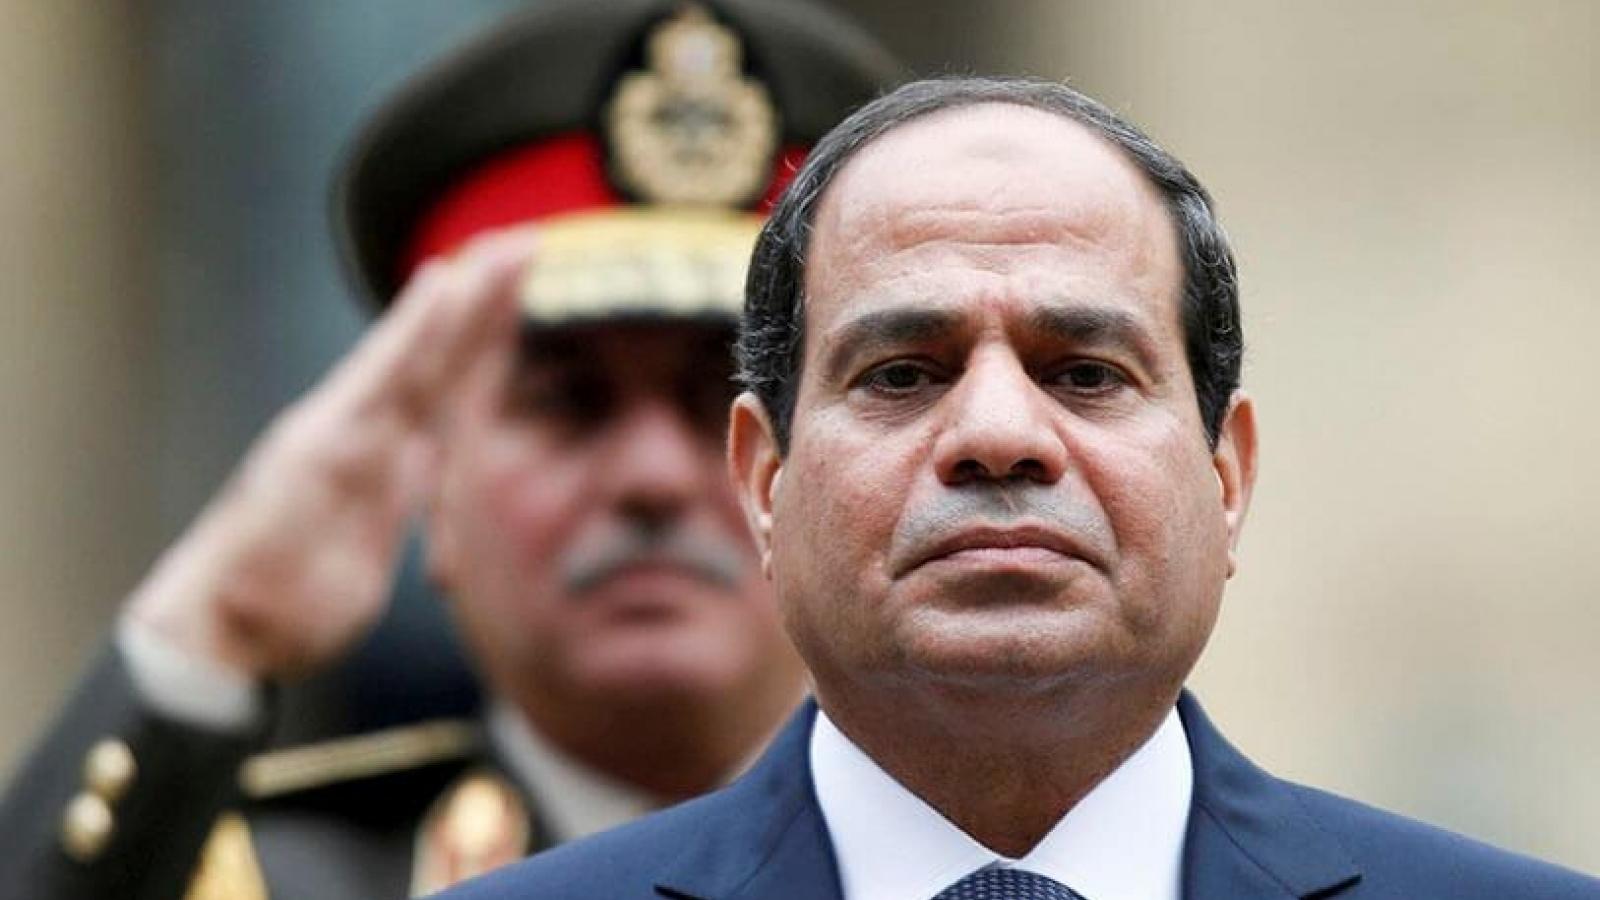 Ai Cập ban bố tình trạng khẩn cấp toàn quốc, Iraq để quốc tang 3 ngày vụ cháy bệnh viện